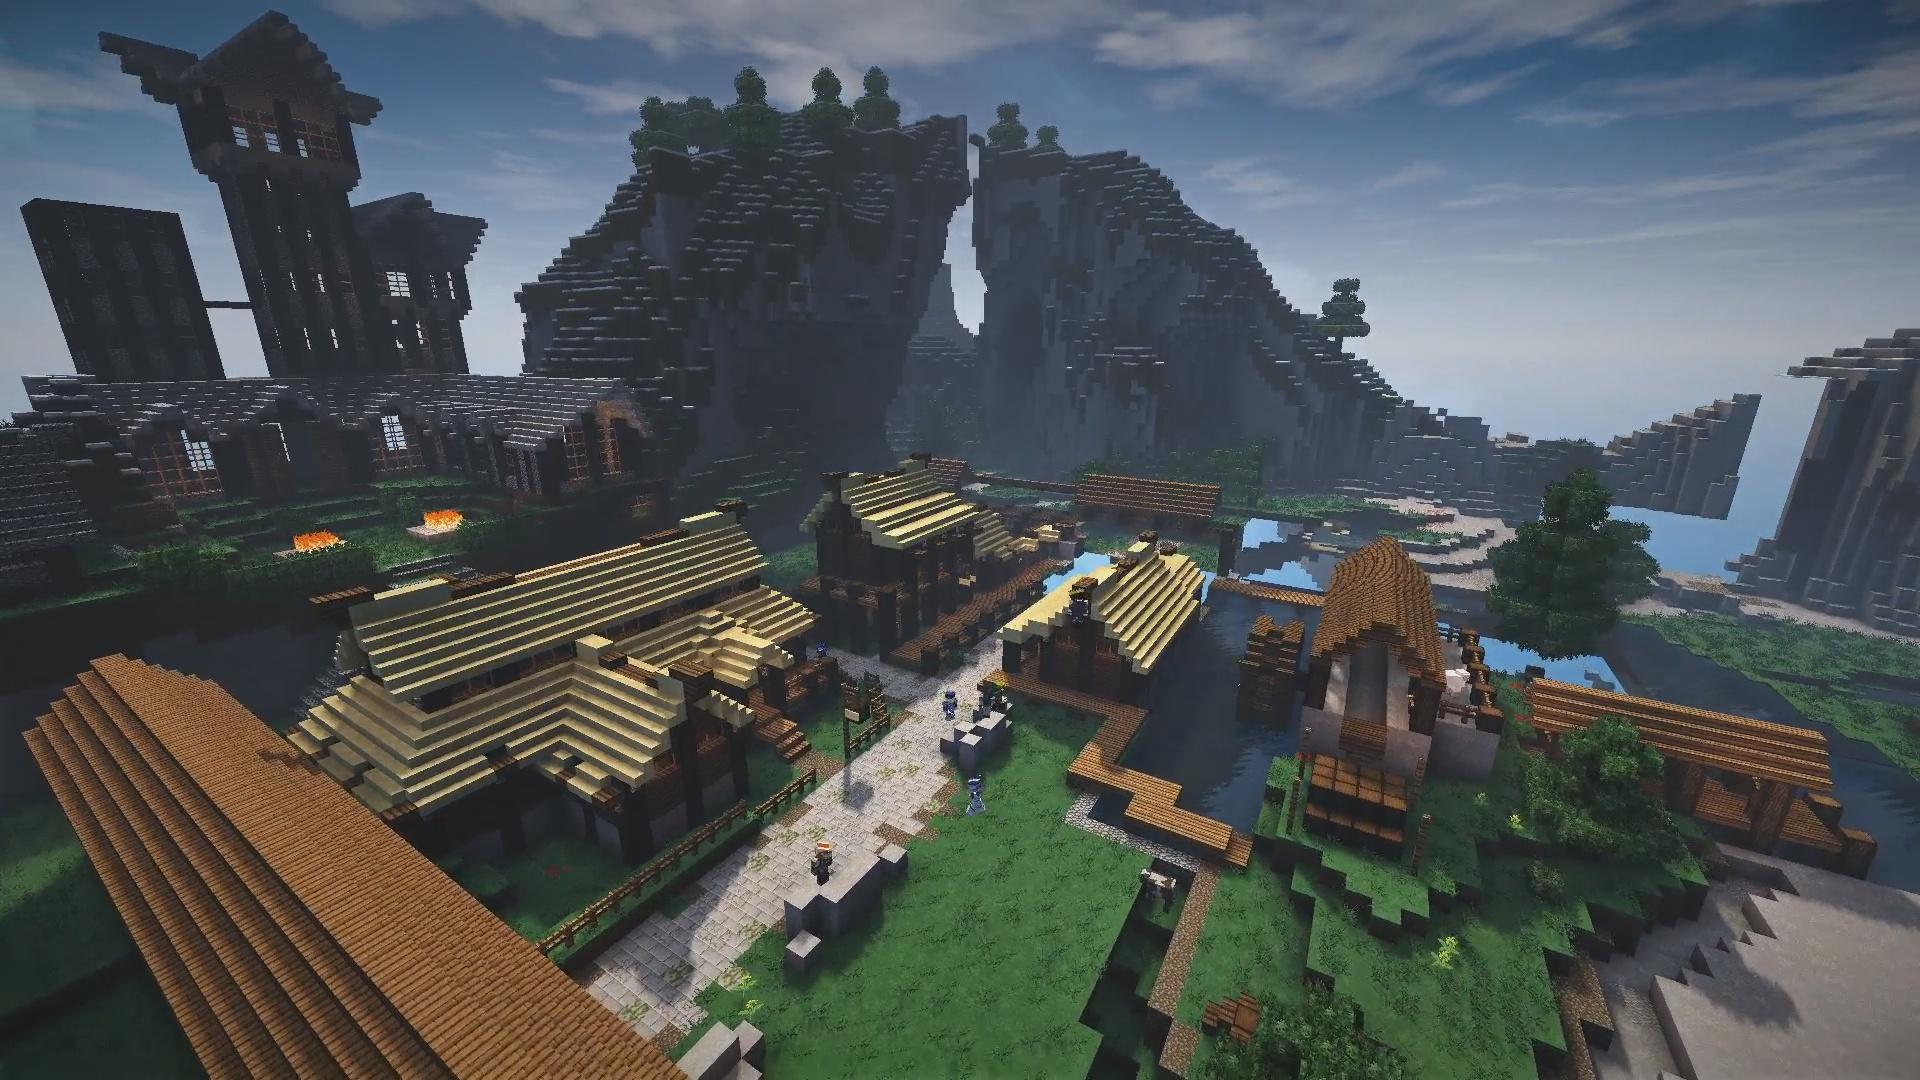 Sa ressemble vraiment à la ville dans Skyrim !